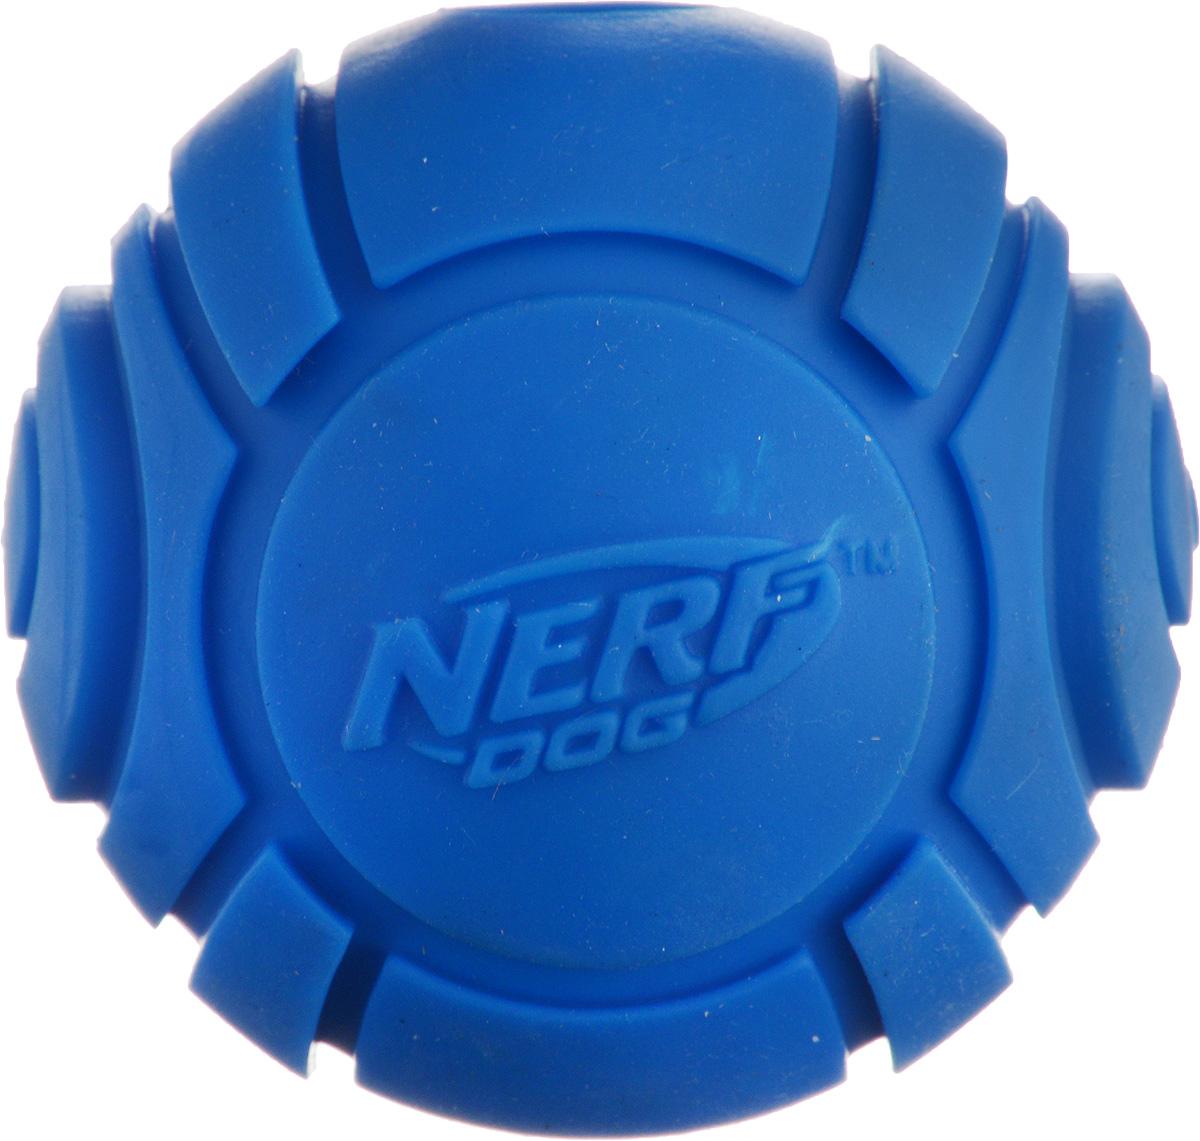 Игрушка для собак Nerf Мяч теннисный для бластера, цвет: синий, диаметр 6 см30748_синийИгрушка для собак Nerf Мяч теннисный для бластера, изготовленный из прочной долговечной резины, не позволит скучать вашему питомцу и дома, и на улице. Изделие великолепно подходит для игры и массажа десен вашего питомца. Диаметр мяча: 6 см.